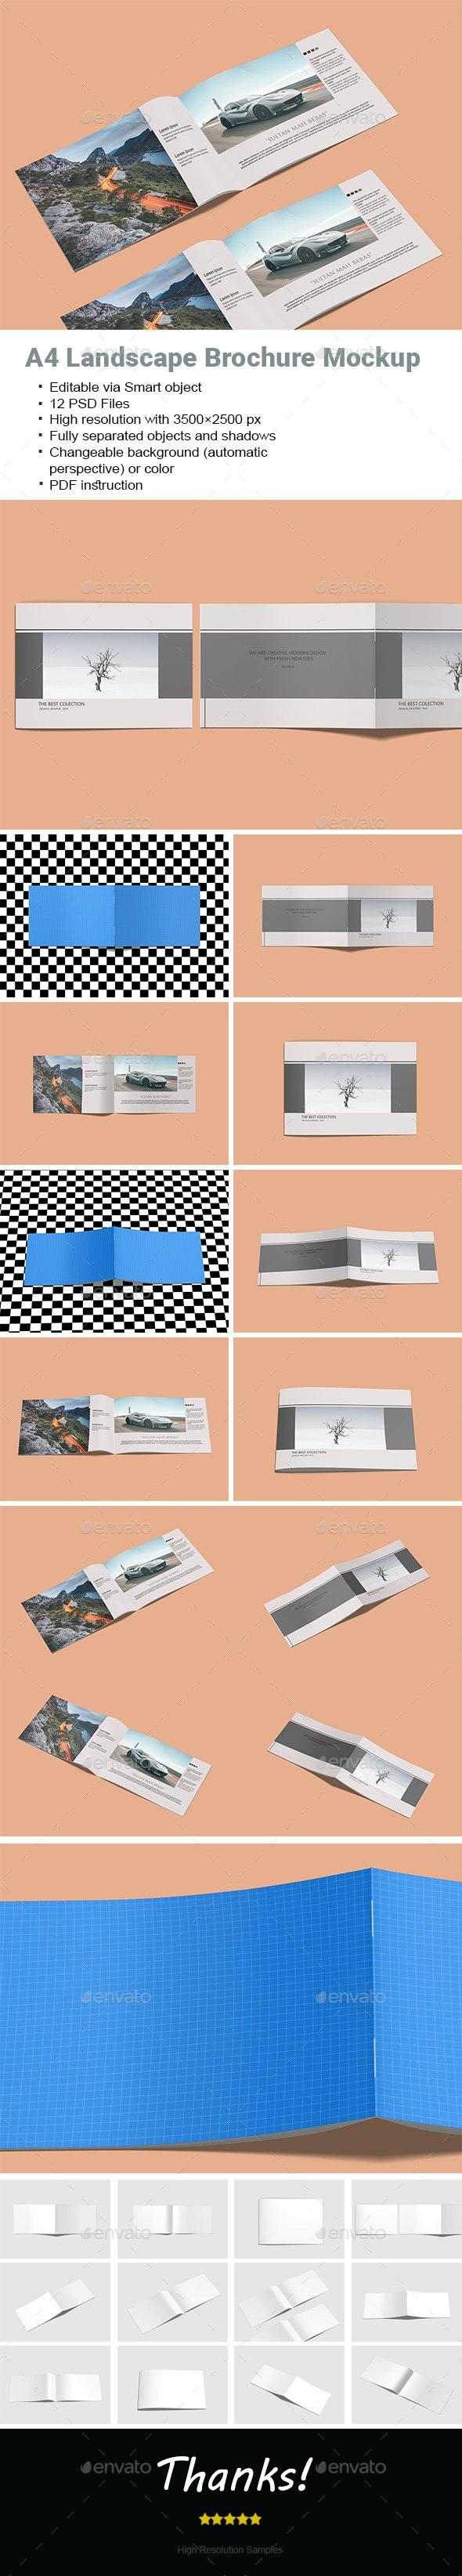 A4 Landscape Brochure Mock-Up - Brochures Print